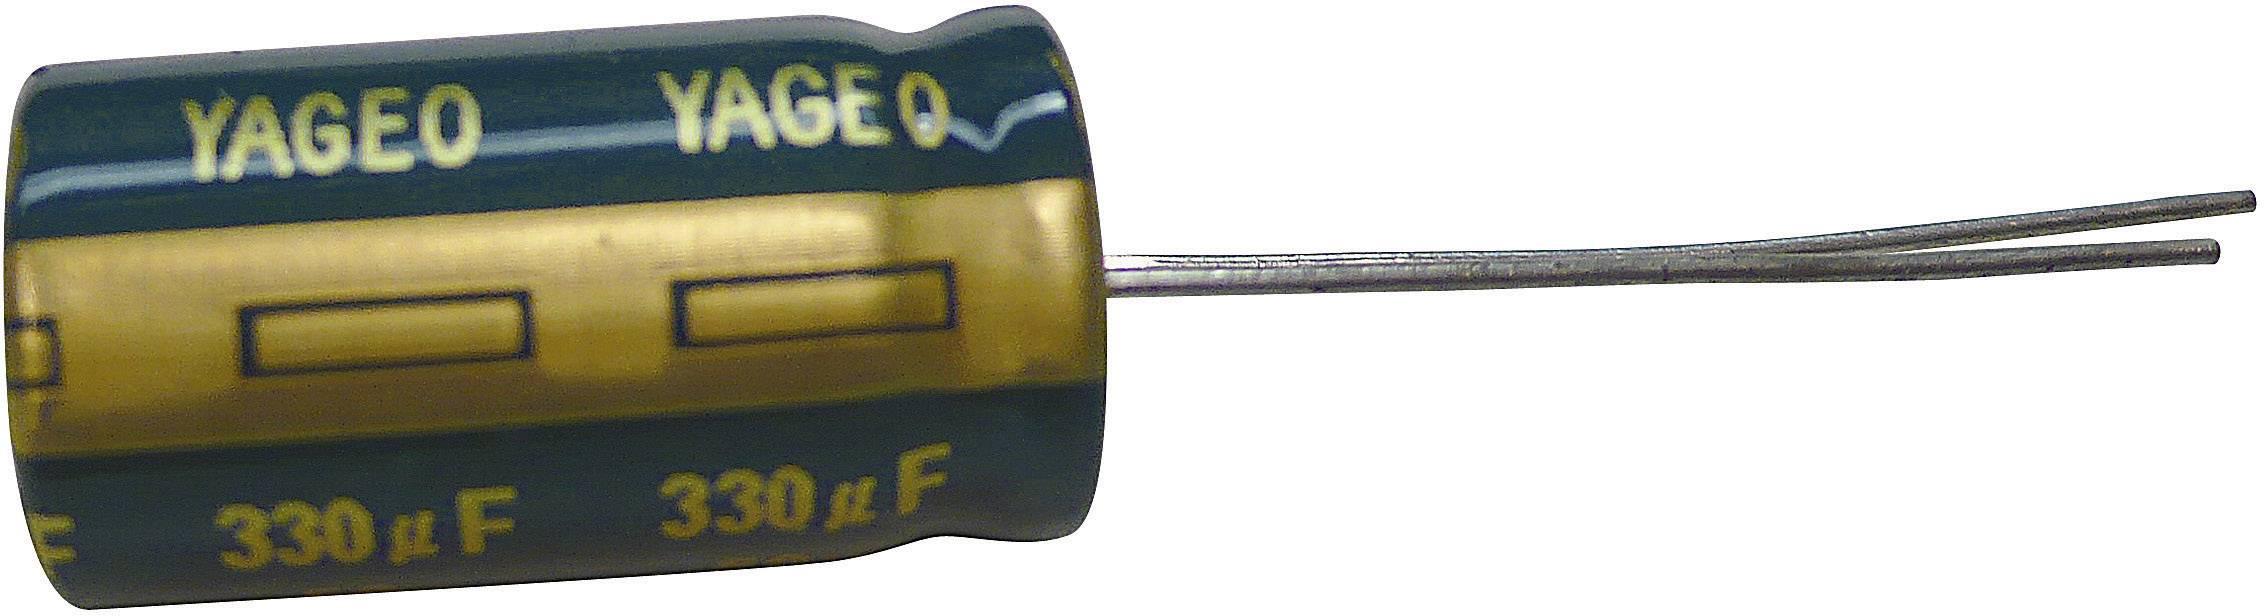 Kondenzátor elektrolytický Yageo SY006M6800B7F-1625, 6800 mF, 6,3 V, 20 %, 25 x 16 mm